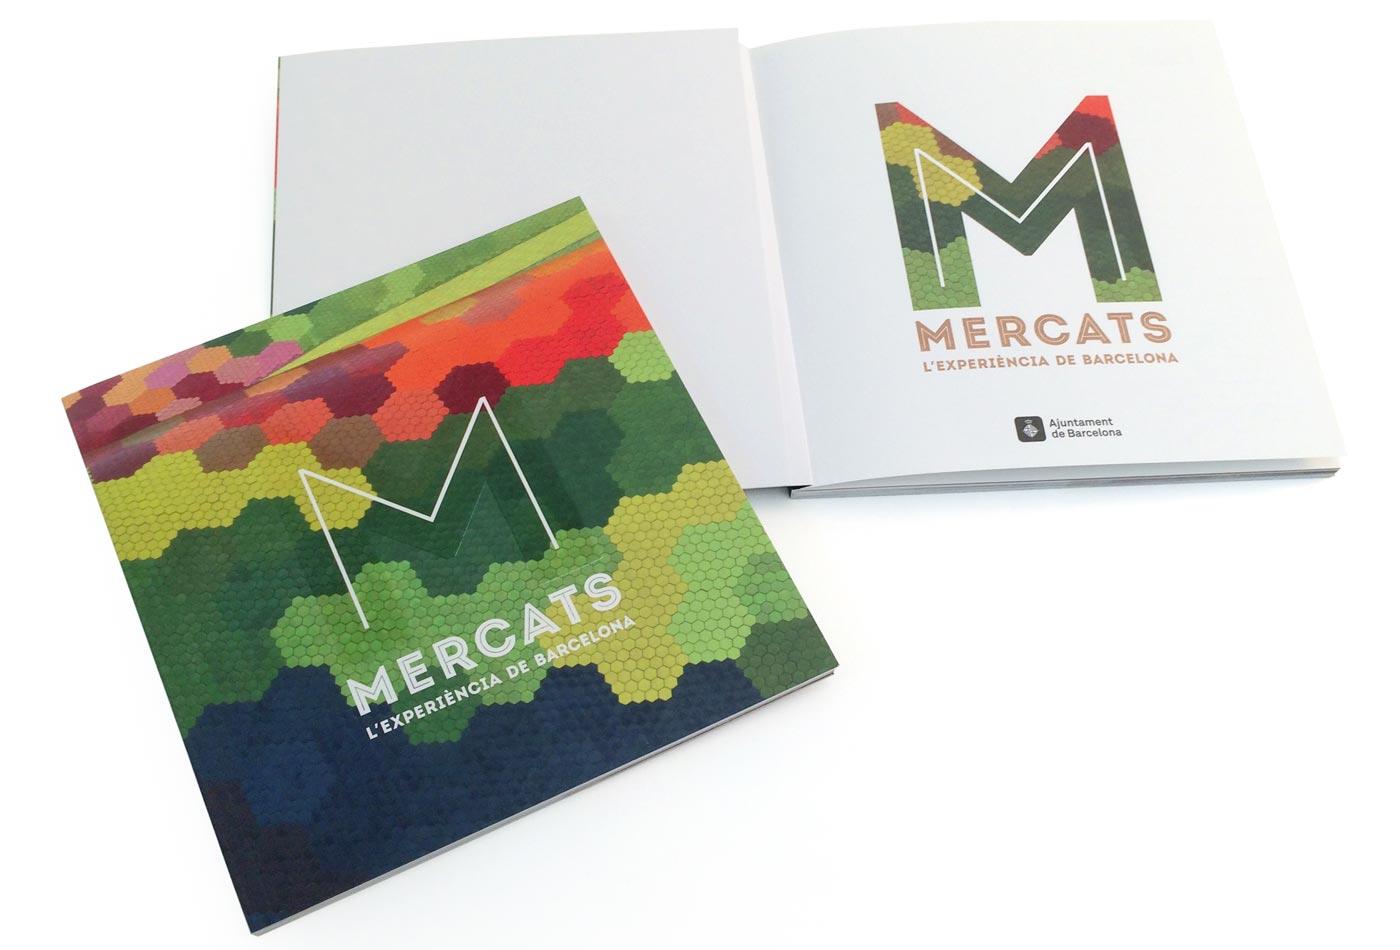 publicacio-mercats-barcelona